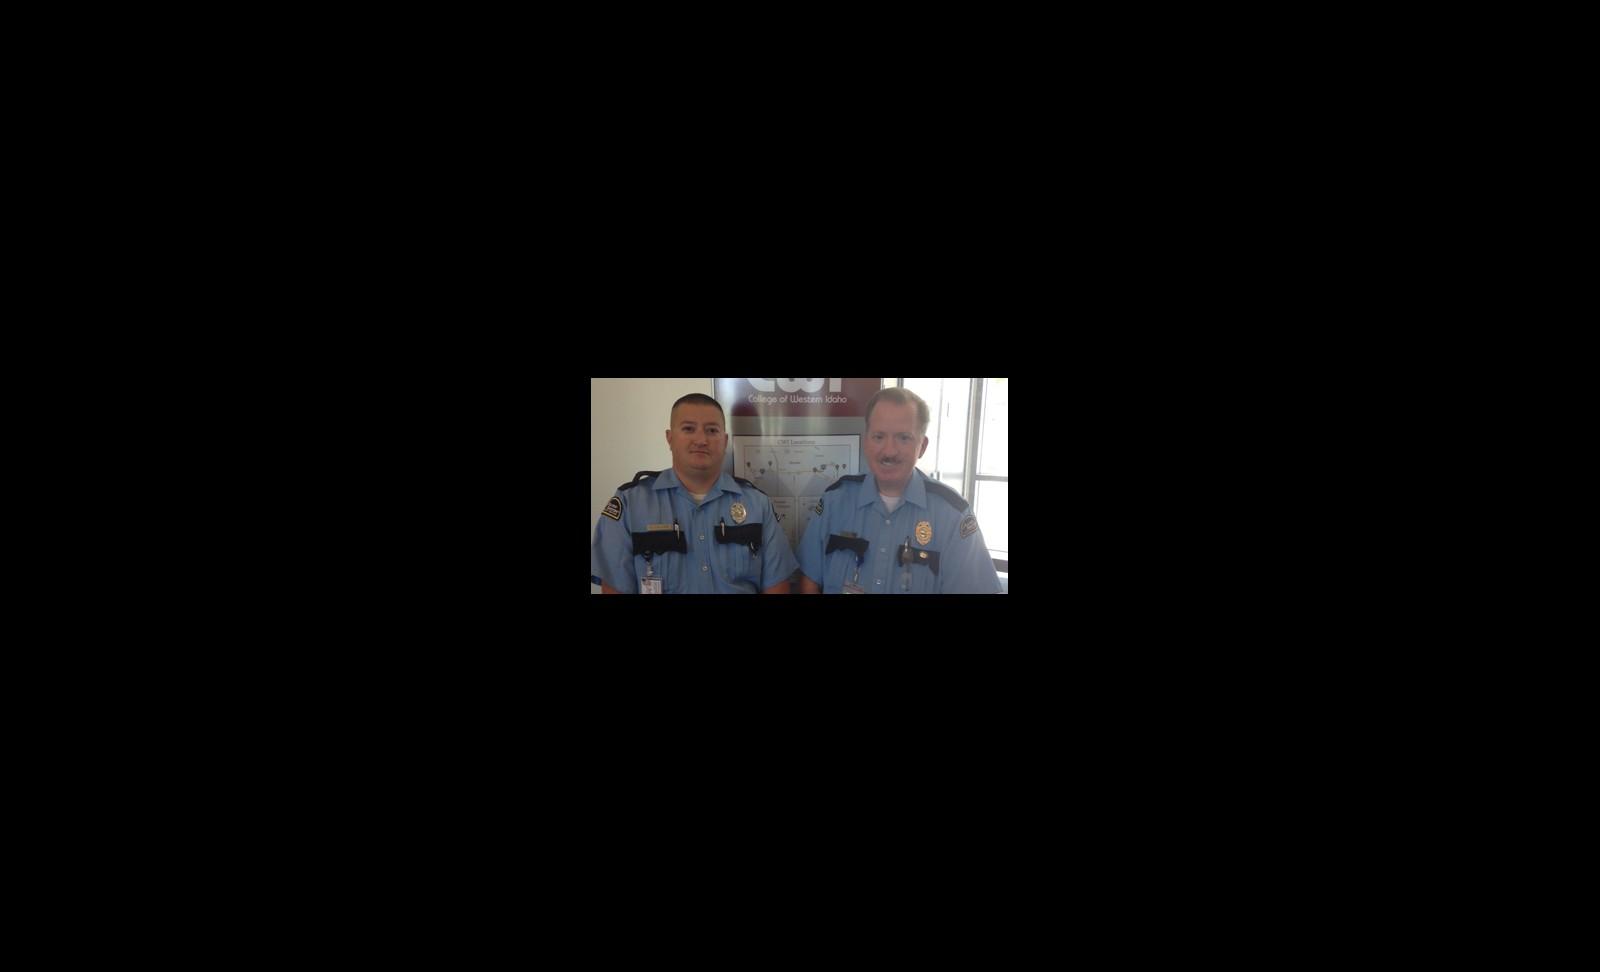 Title - Dan Callsen (left) and Steve Corman (right)